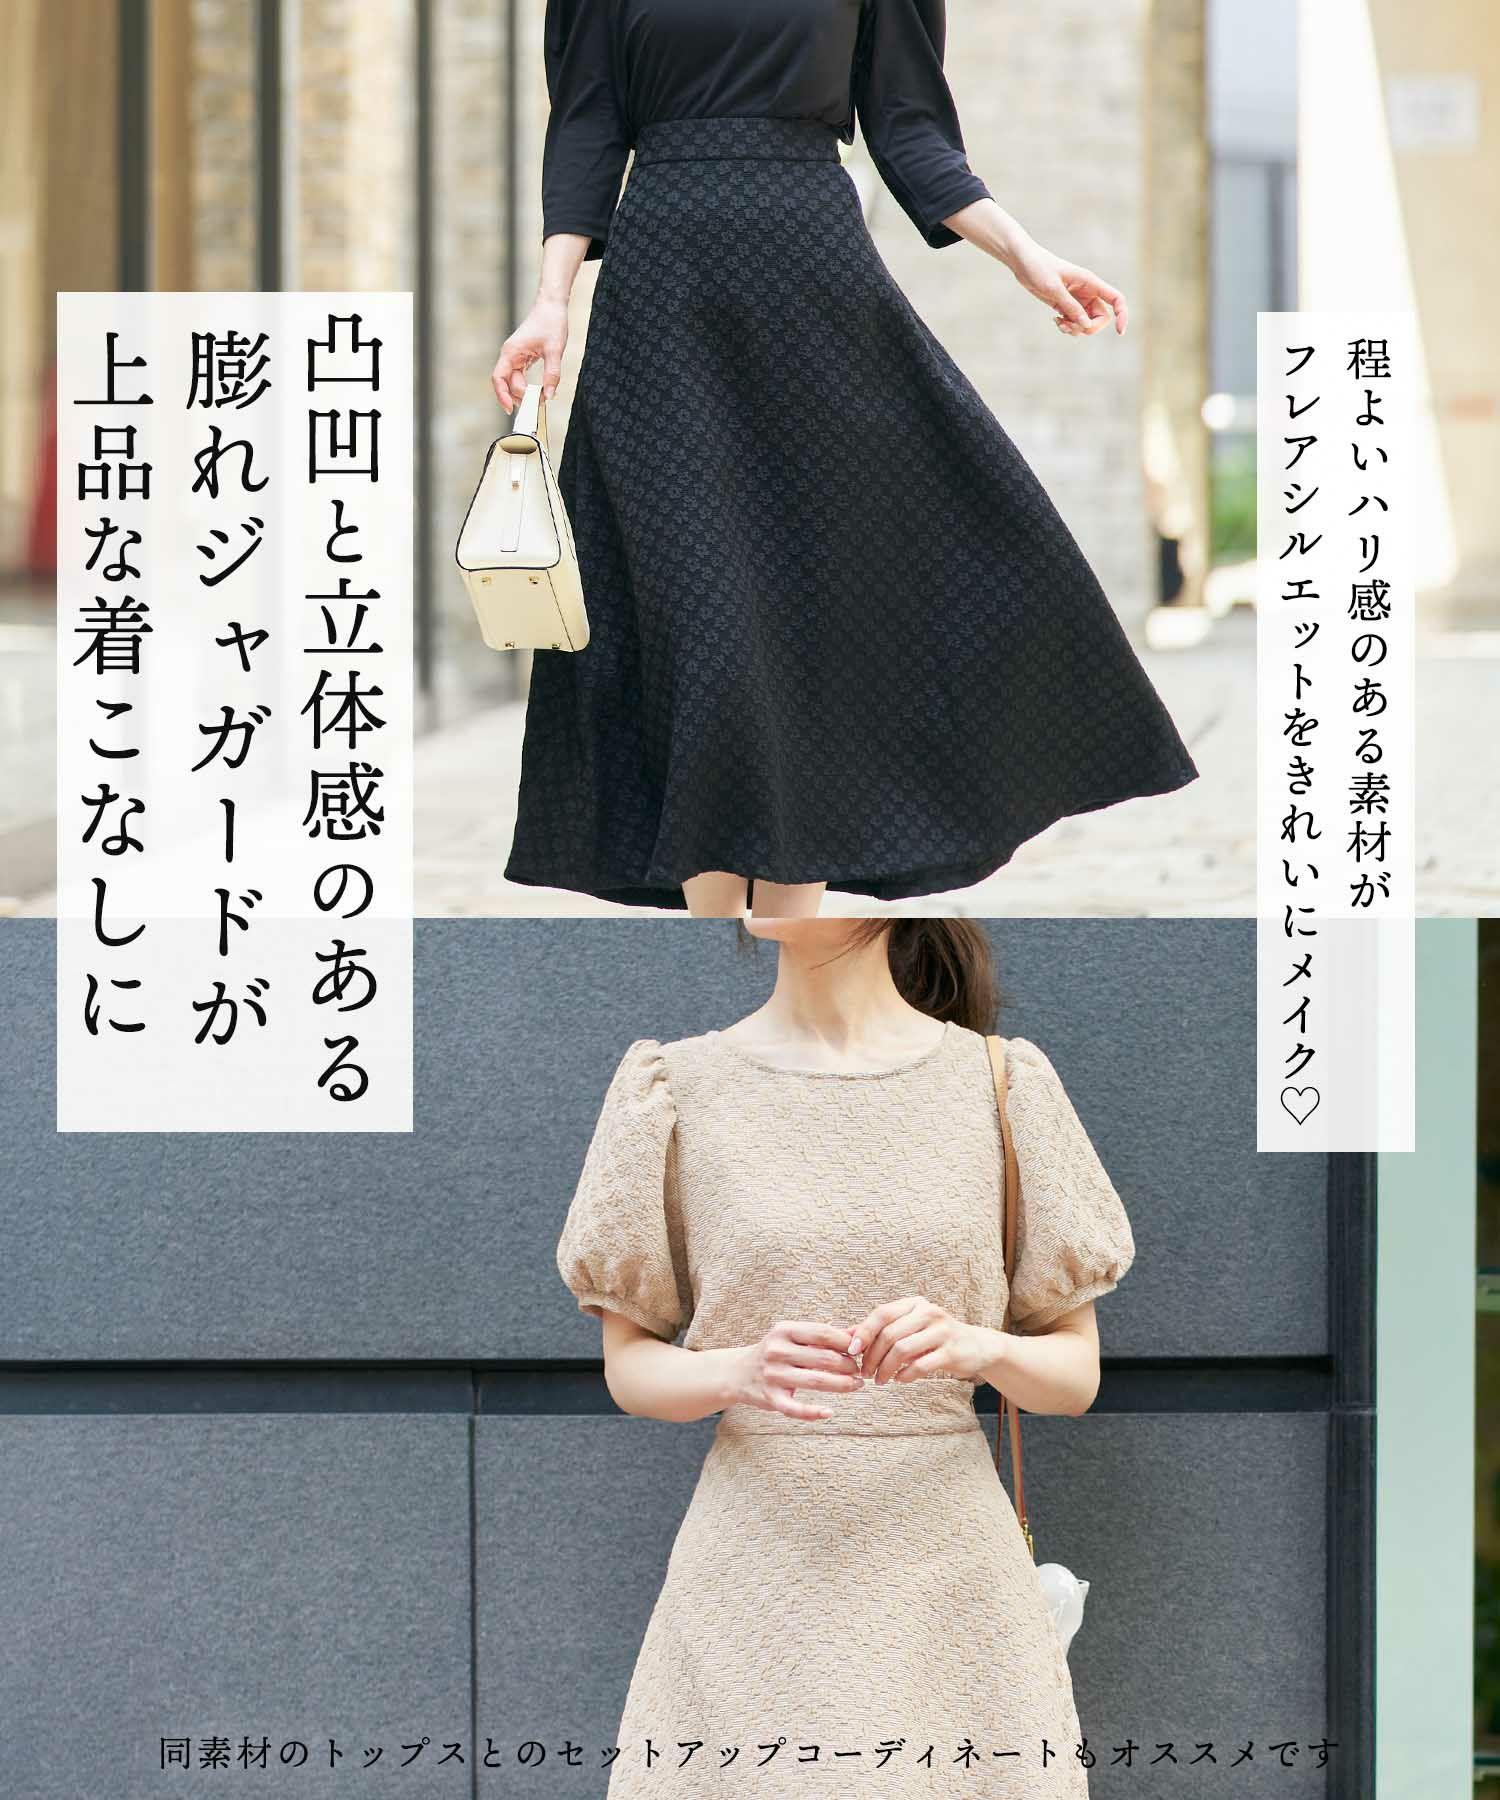 日本製/手洗い可/セットアップ対応/総柄/ジャガード/上品/ベージュ/ブラック/立体感/凸凹/ギャザースカート